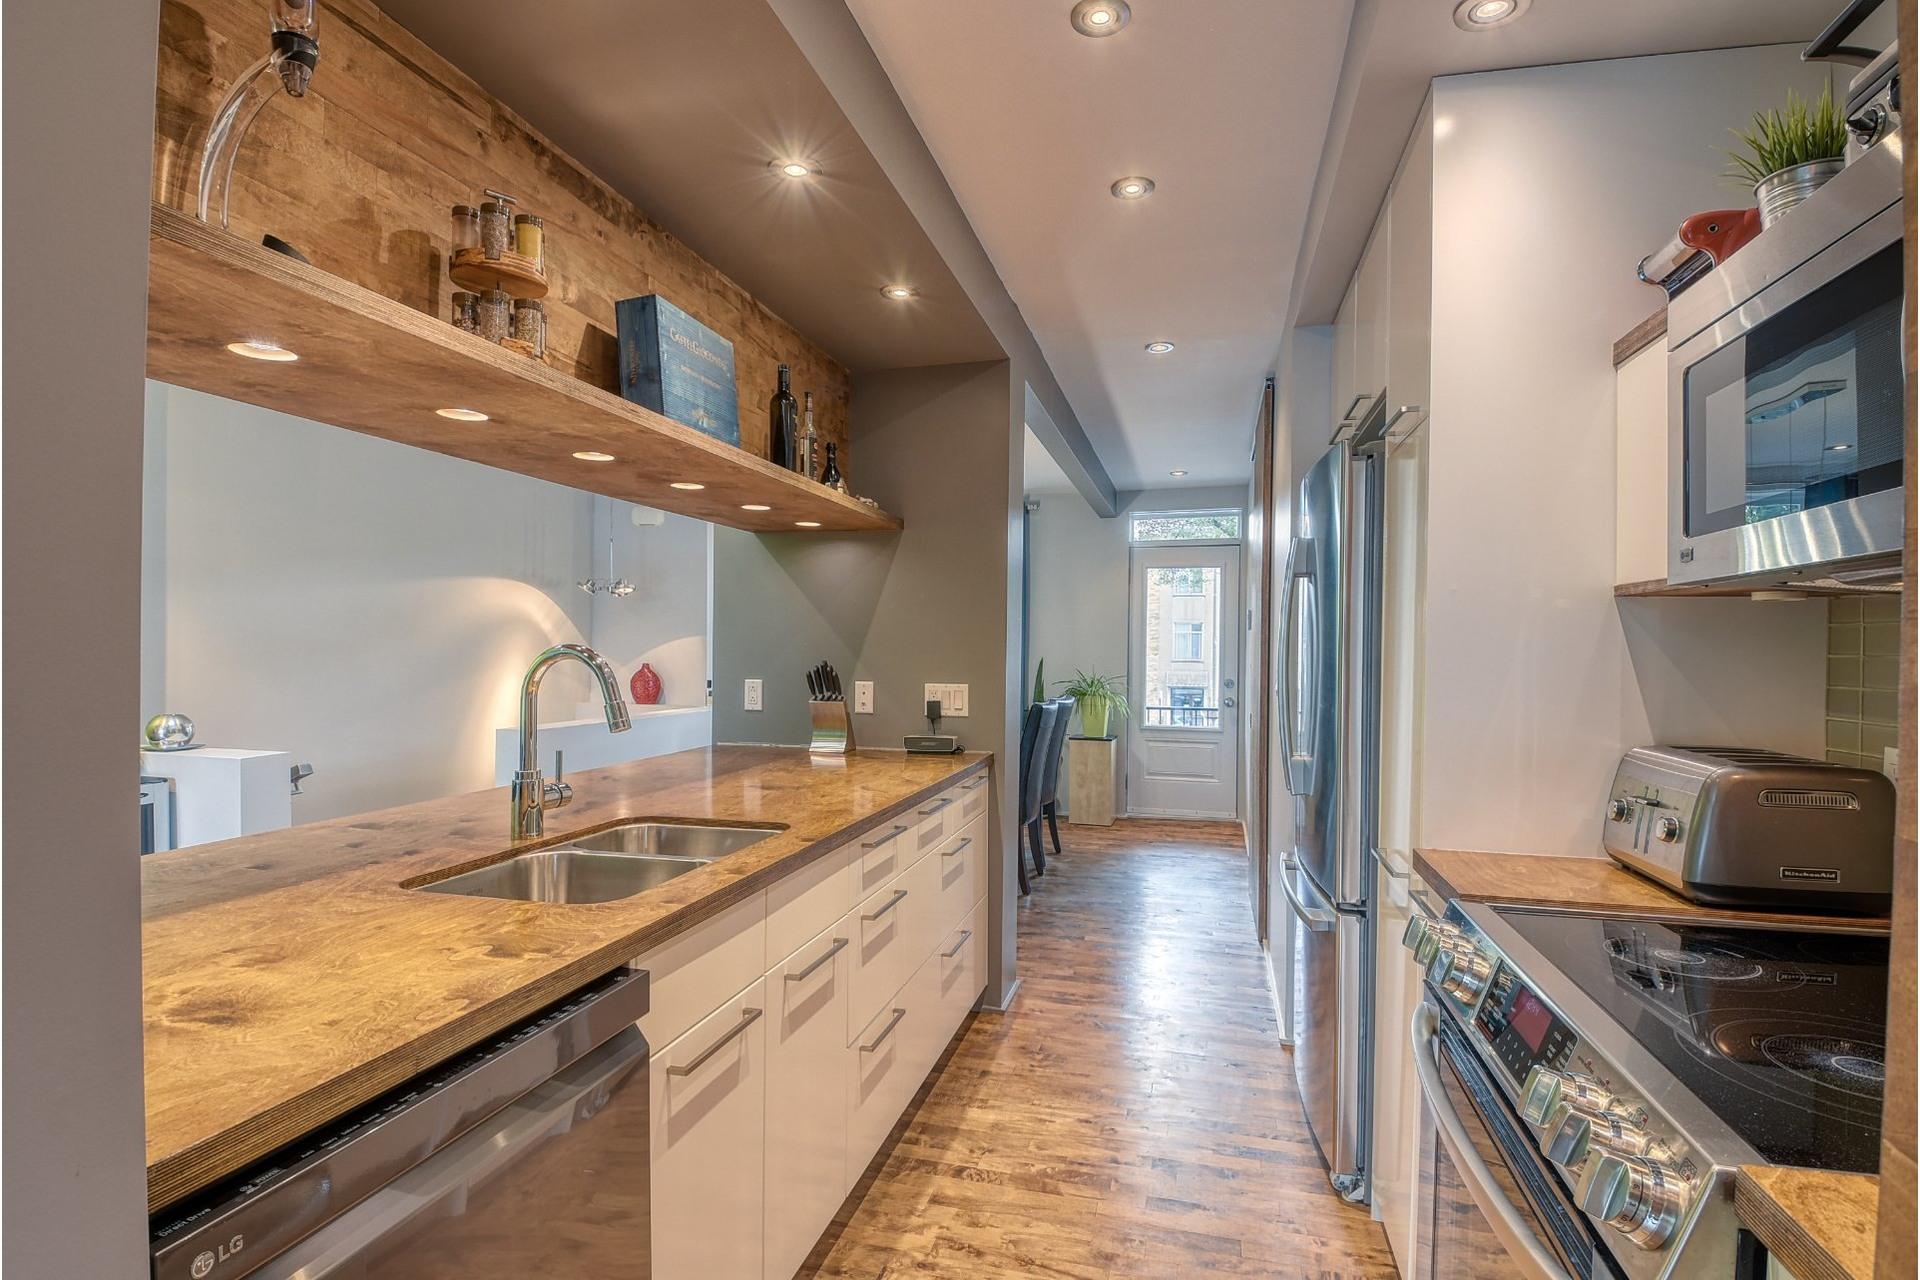 image 11 - Appartement À vendre Mercier/Hochelaga-Maisonneuve Montréal  - 5 pièces